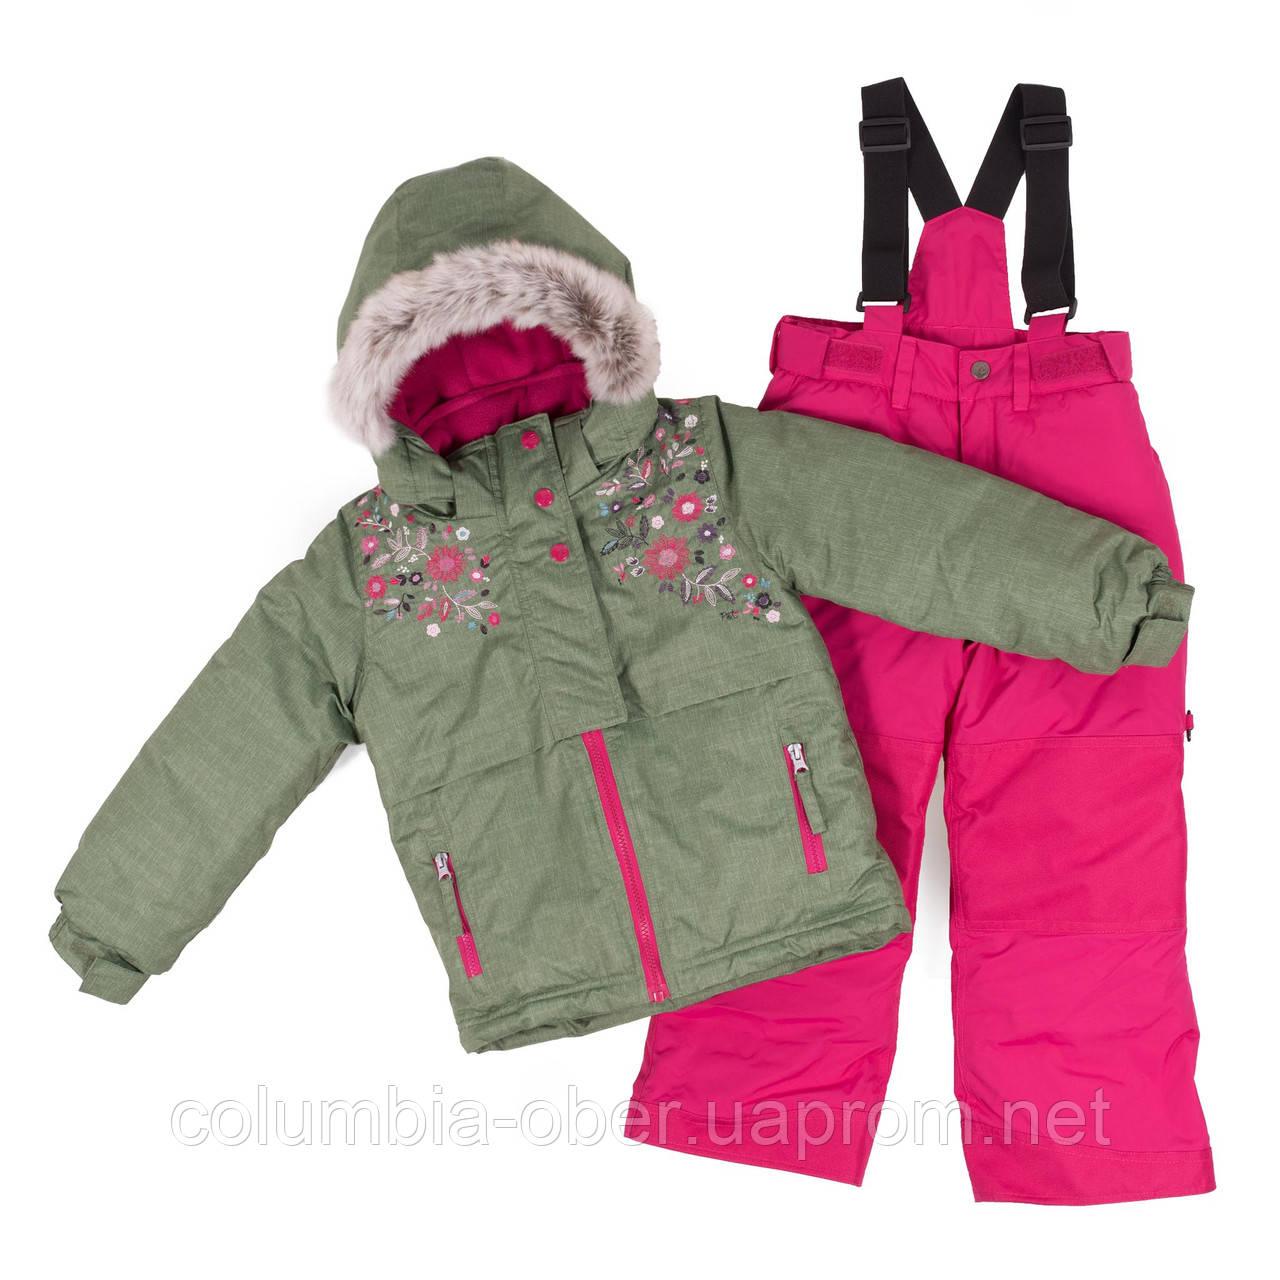 Зимний комплект для девочки PELUCHE F18 M 64 EF Khaki / Berry. Размеры 3-8.